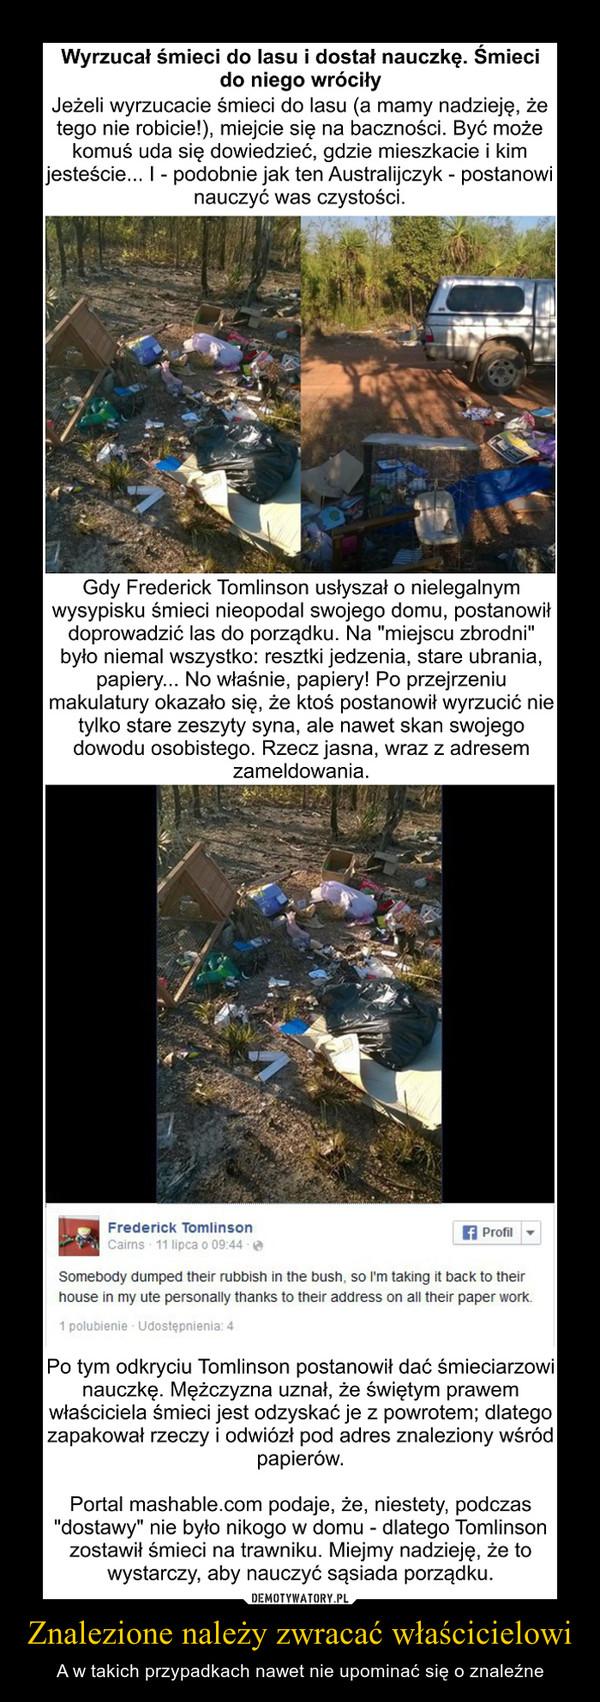 """Znalezione należy zwracać właścicielowi – A w takich przypadkach nawet nie upominać się o znaleźne Wyrzucał śmieci do lasu i dostał nauczkę. Śmieci do niego wróciły Jeżeli wyrzucacie śmieci do lasu (a mamy nadzieję, że tego nie robicie!), miejcie się na baczności. Być może komuś uda się dowiedzieć, gdzie mieszkacie i kim jesteście... I - podobnie jak ten Australijczyk - postanowi nauczyć was czystości. Gdy Frederick Tomlinson usłyszał o nielegalnym wysypisku śmieci nieopodal swojego domu, postanowił doprowadzić las do porządku. Na """"miejscu zbrodni"""" było niemal wszystko: resztki jedzenia, stare ubrania, papiery... No właśnie, papiery! Po przejrzeniu makulatury okazało się, że ktoś postanowił wyrzucić nie tylko stare zeszyty syna, ale nawet skan swojego dowodu osobistego. Rzecz jasna, wraz z adresem zameldowania. Po tym odkryciu Tomlinson postanowił dać śmieciarzowi nauczkę. Mężczyzna uznał, że świętym prawem właściciela śmieci jest odzyskać je z powrotem; dlatego zapakował rzeczy i odwiózł pod adres znaleziony wśród papierów. Portal mashable.com podaje, że, niestety, podczas """"dostawy"""" nie było nikogo w domu - dlatego Tomlinson zostawił śmieci na trawniku. Miejmy nadzieję, że to wystarczy, aby nauczyć sąsiada porządku."""